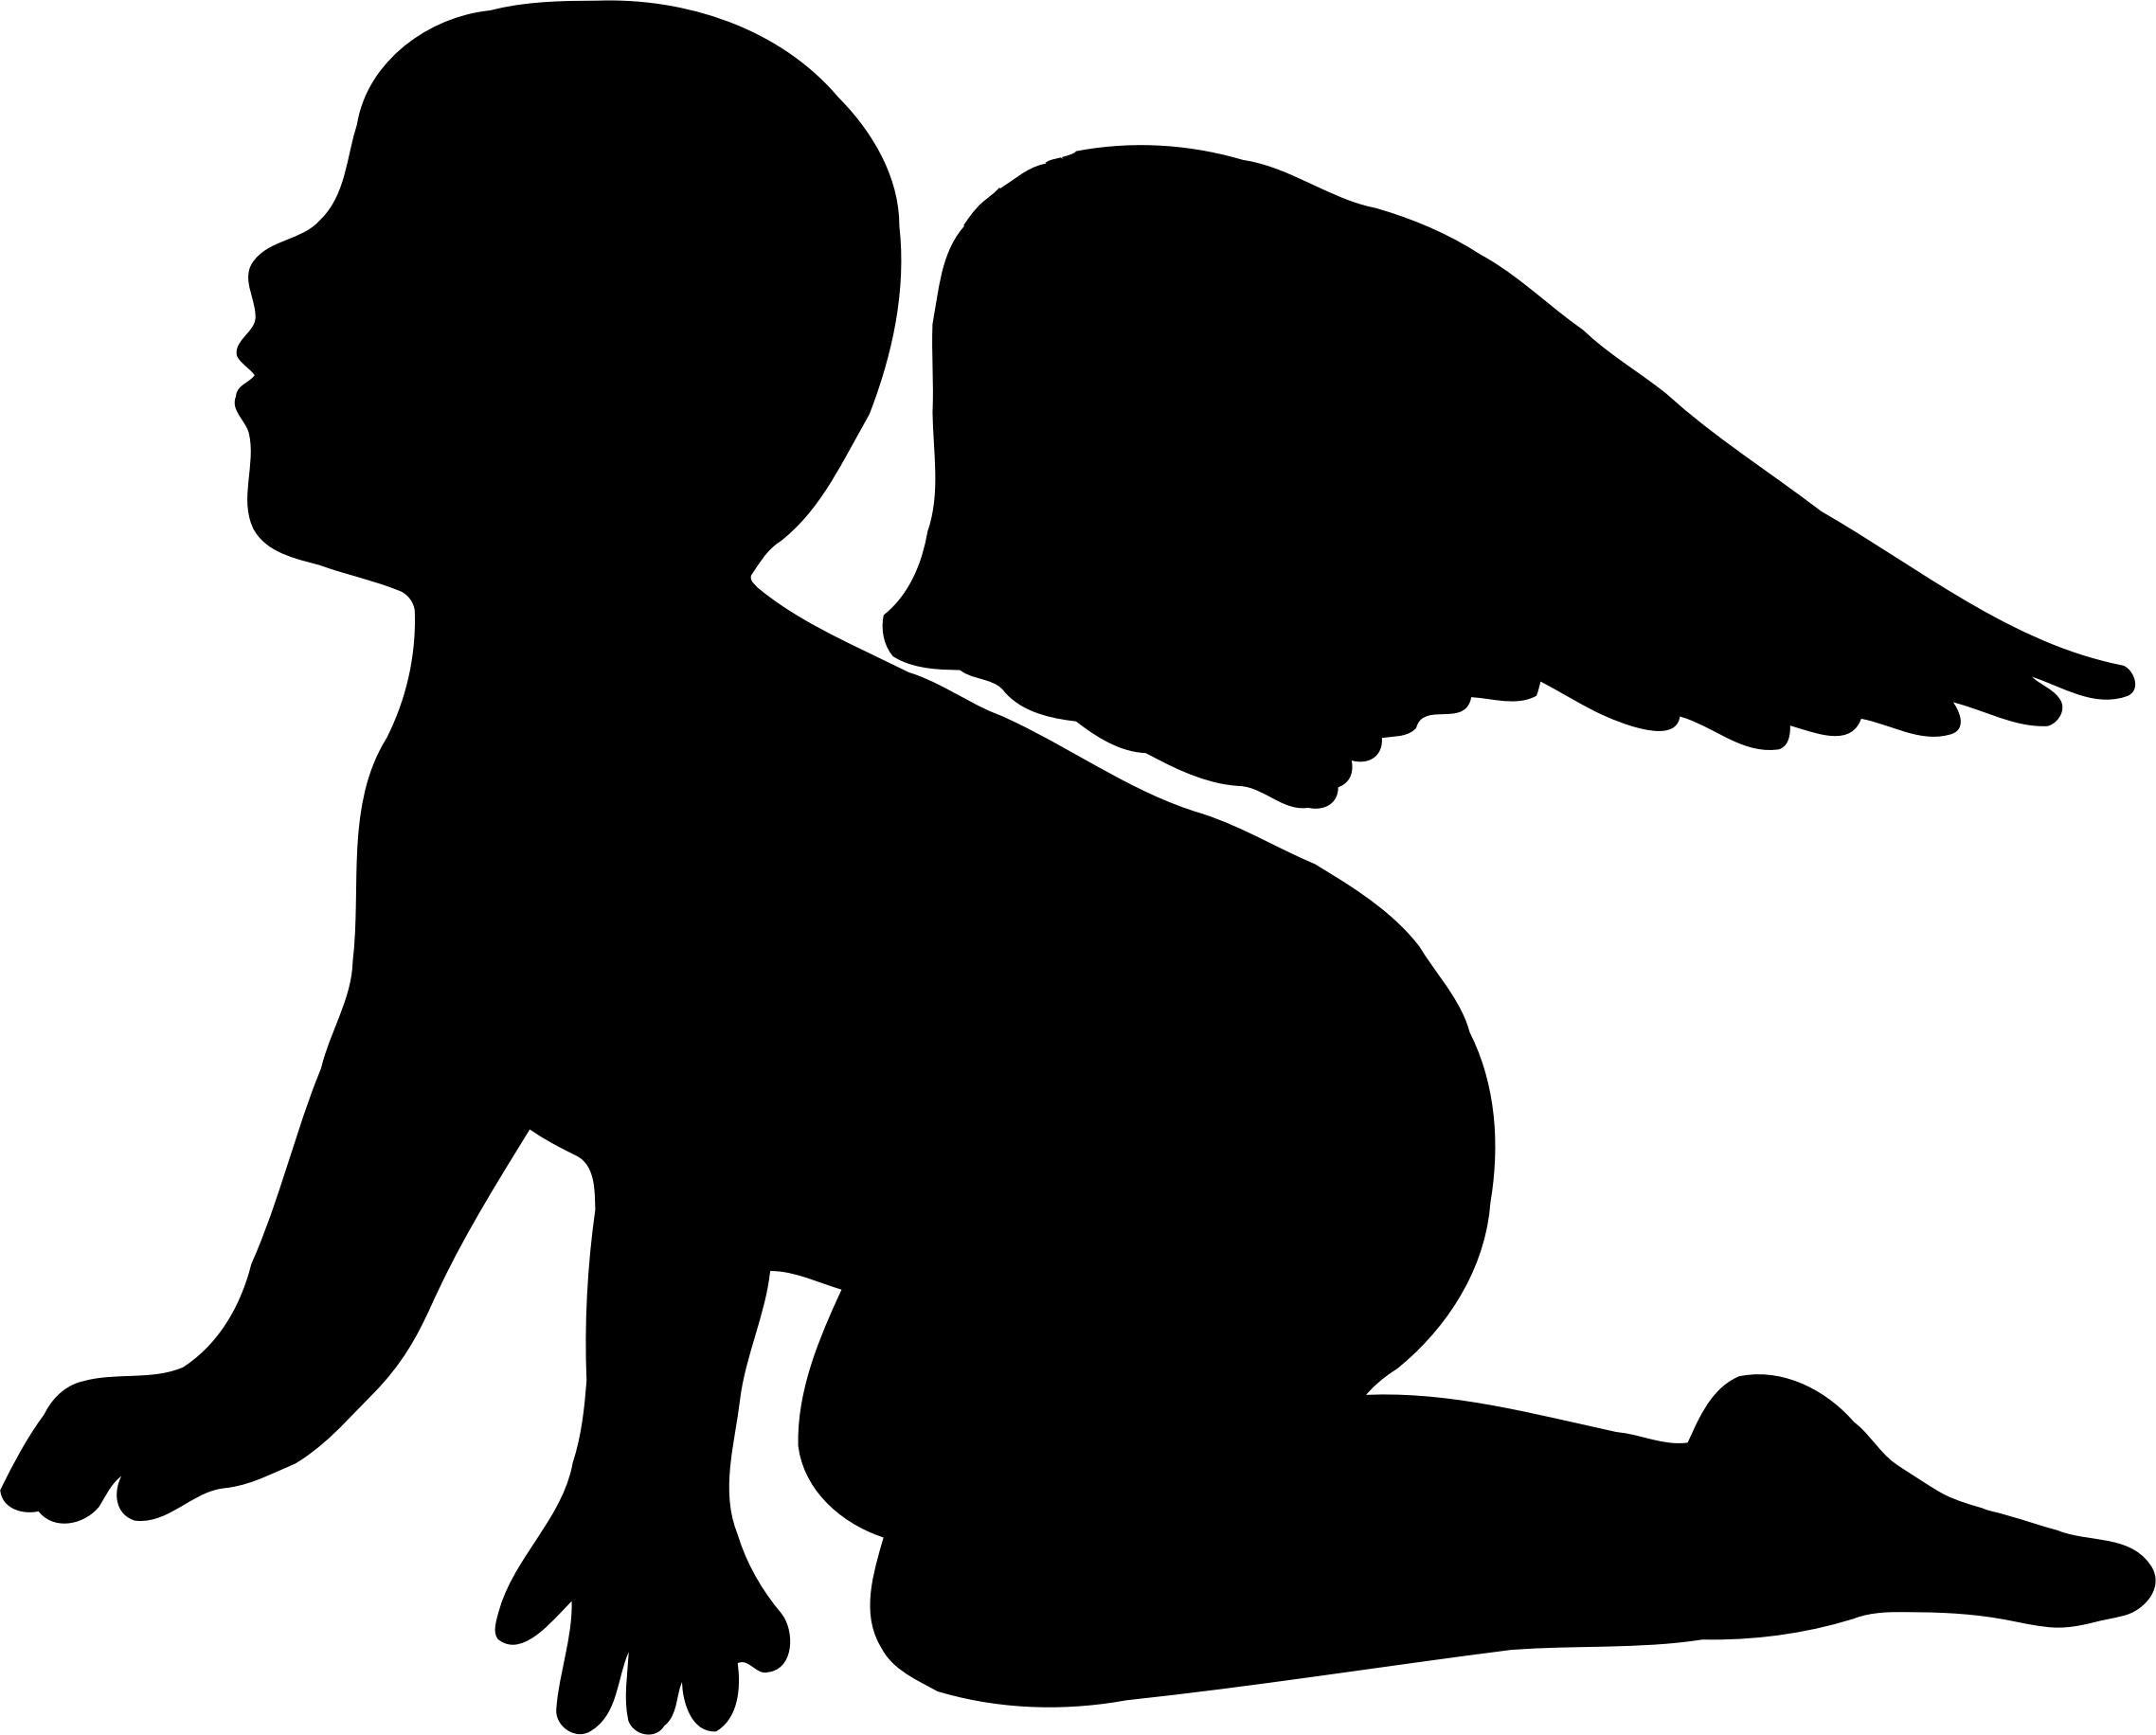 2276x1832 Cherub Silhouette Icons Png